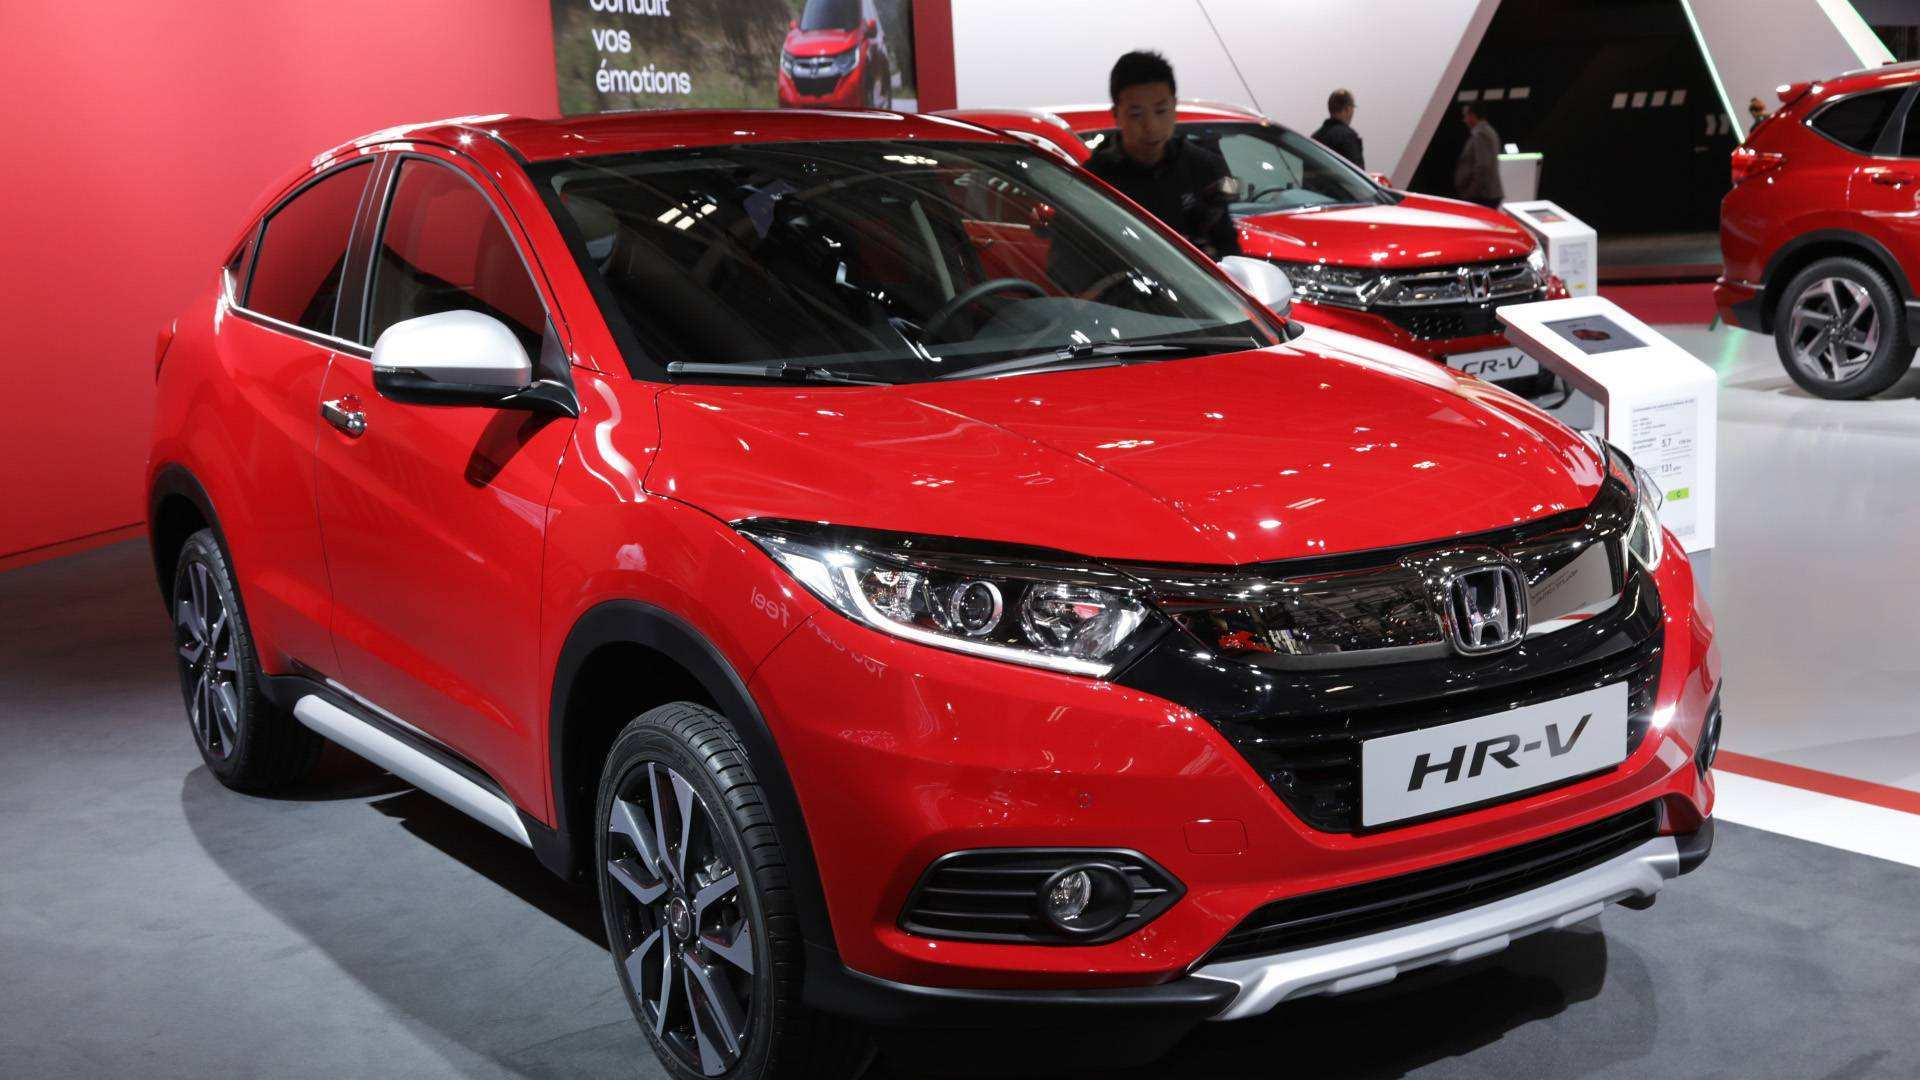 41 All New Honda Hrv 2020 Release Date Usa Spy Shoot by Honda Hrv 2020 Release Date Usa